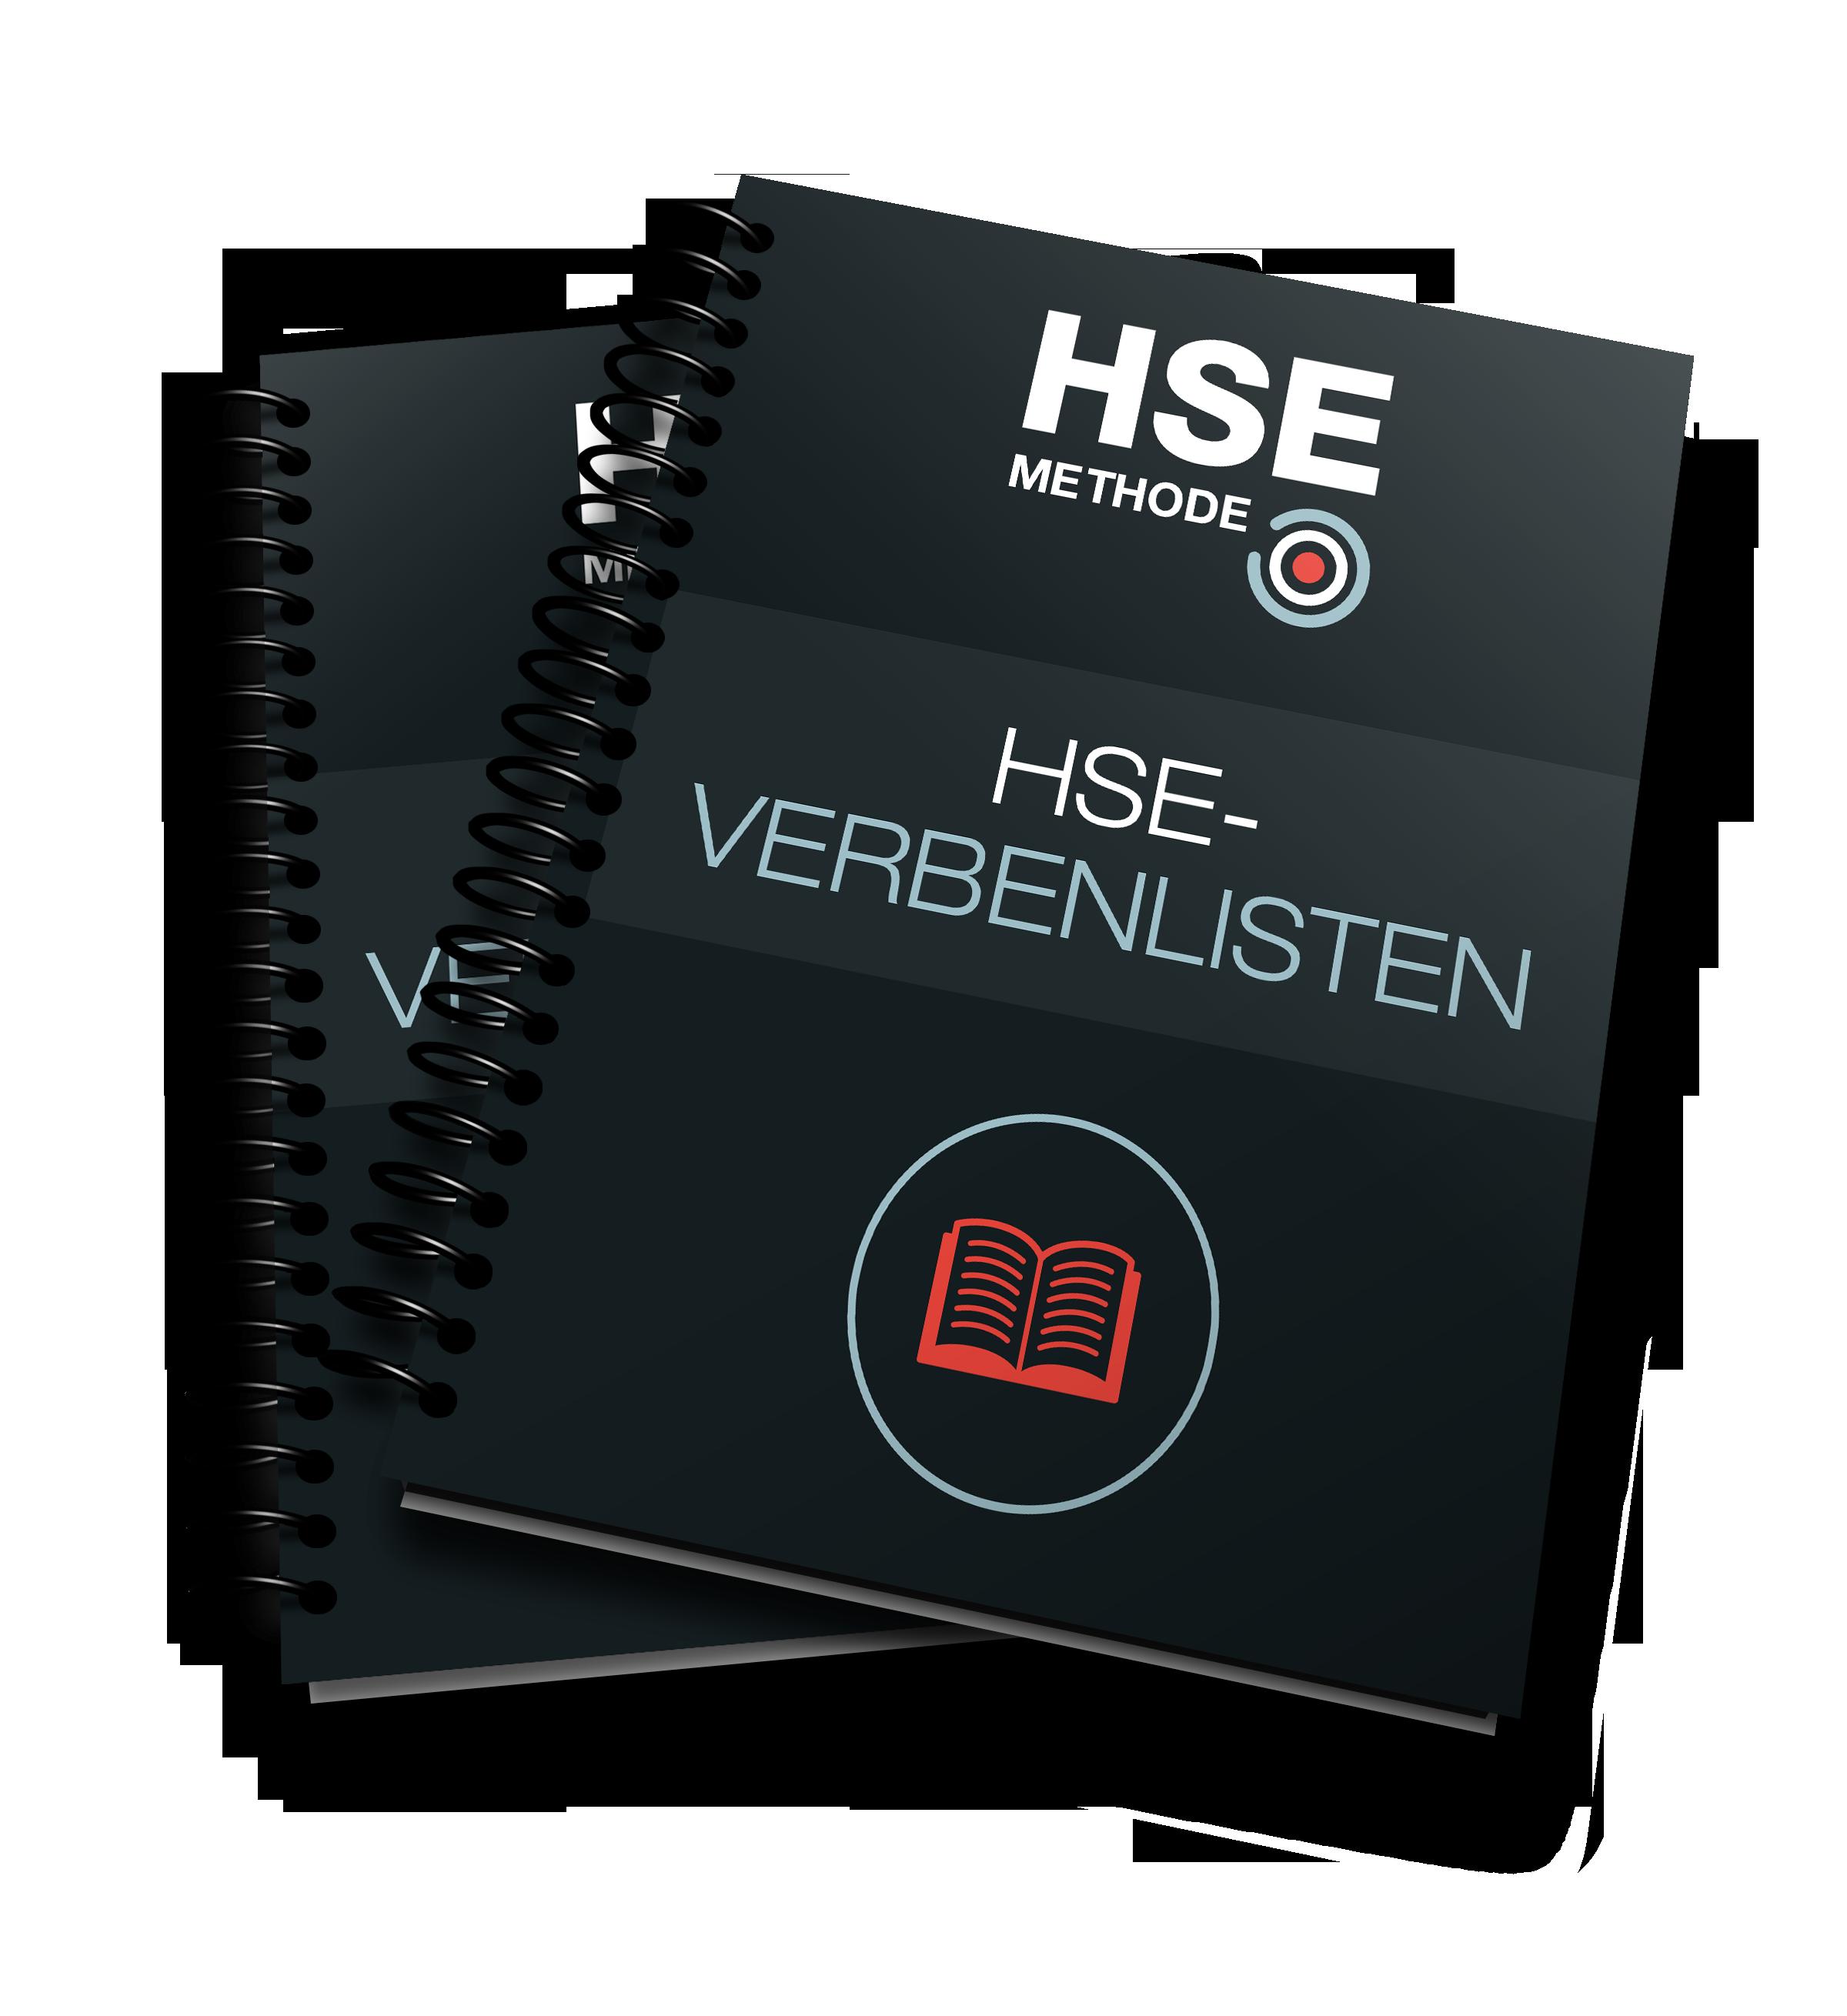 HSE_Verbelisten_rz